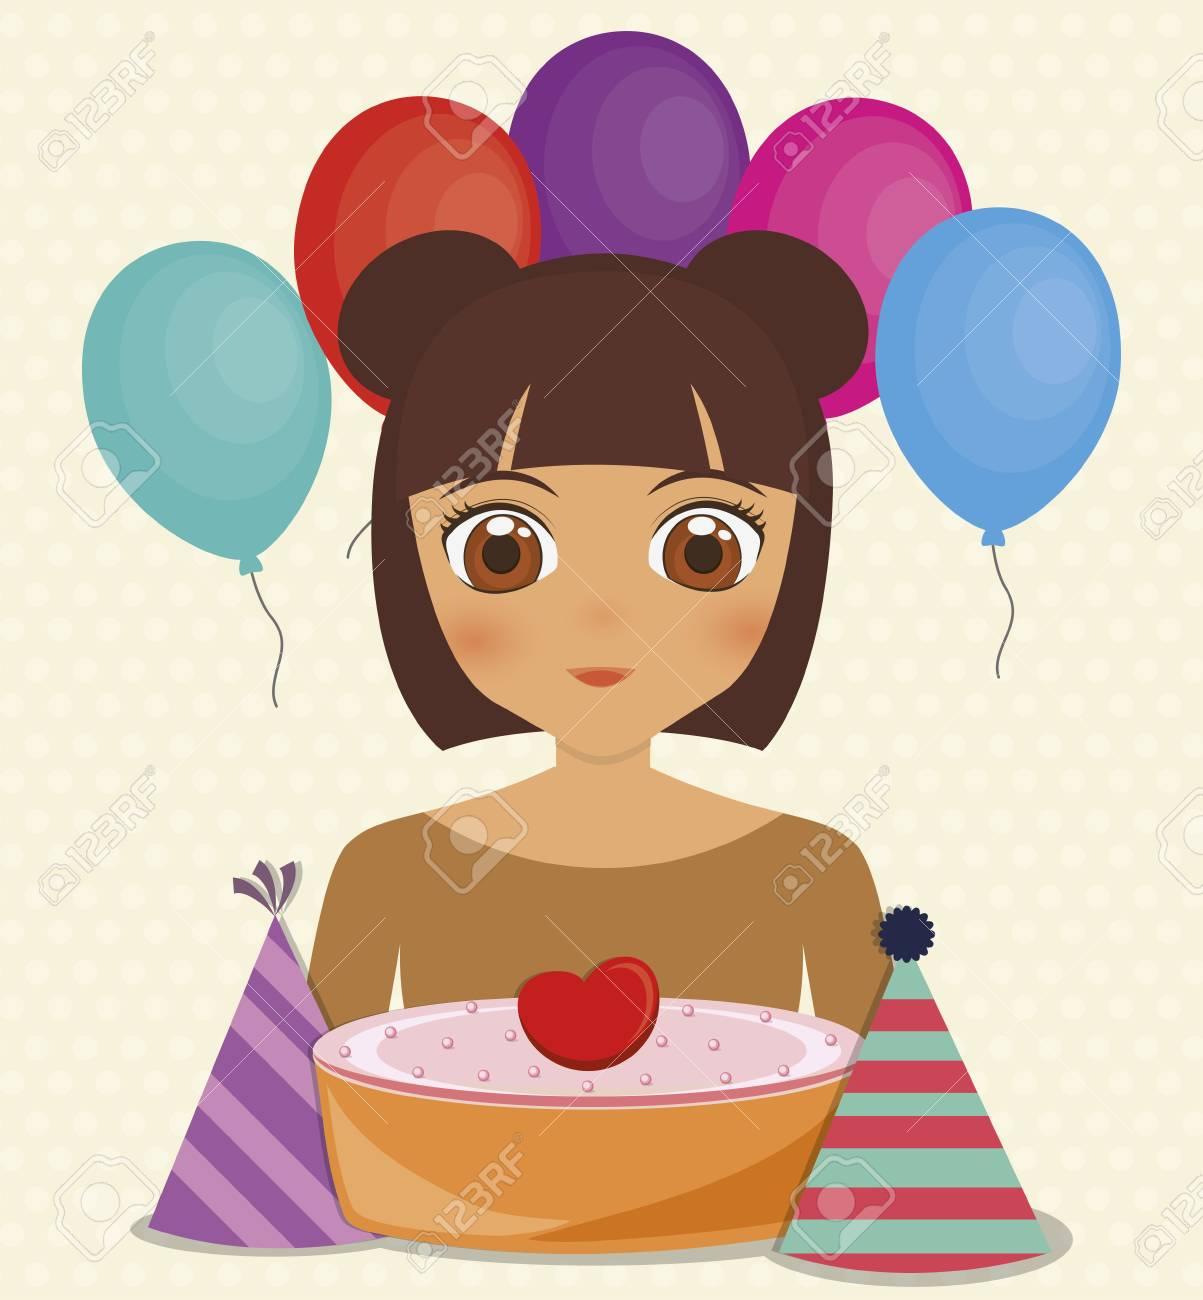 663a961a5 Foto de archivo - Tarjeta de feliz cumpleaños con chica anime y pastel.  diseño colorido. ilustración vectorial